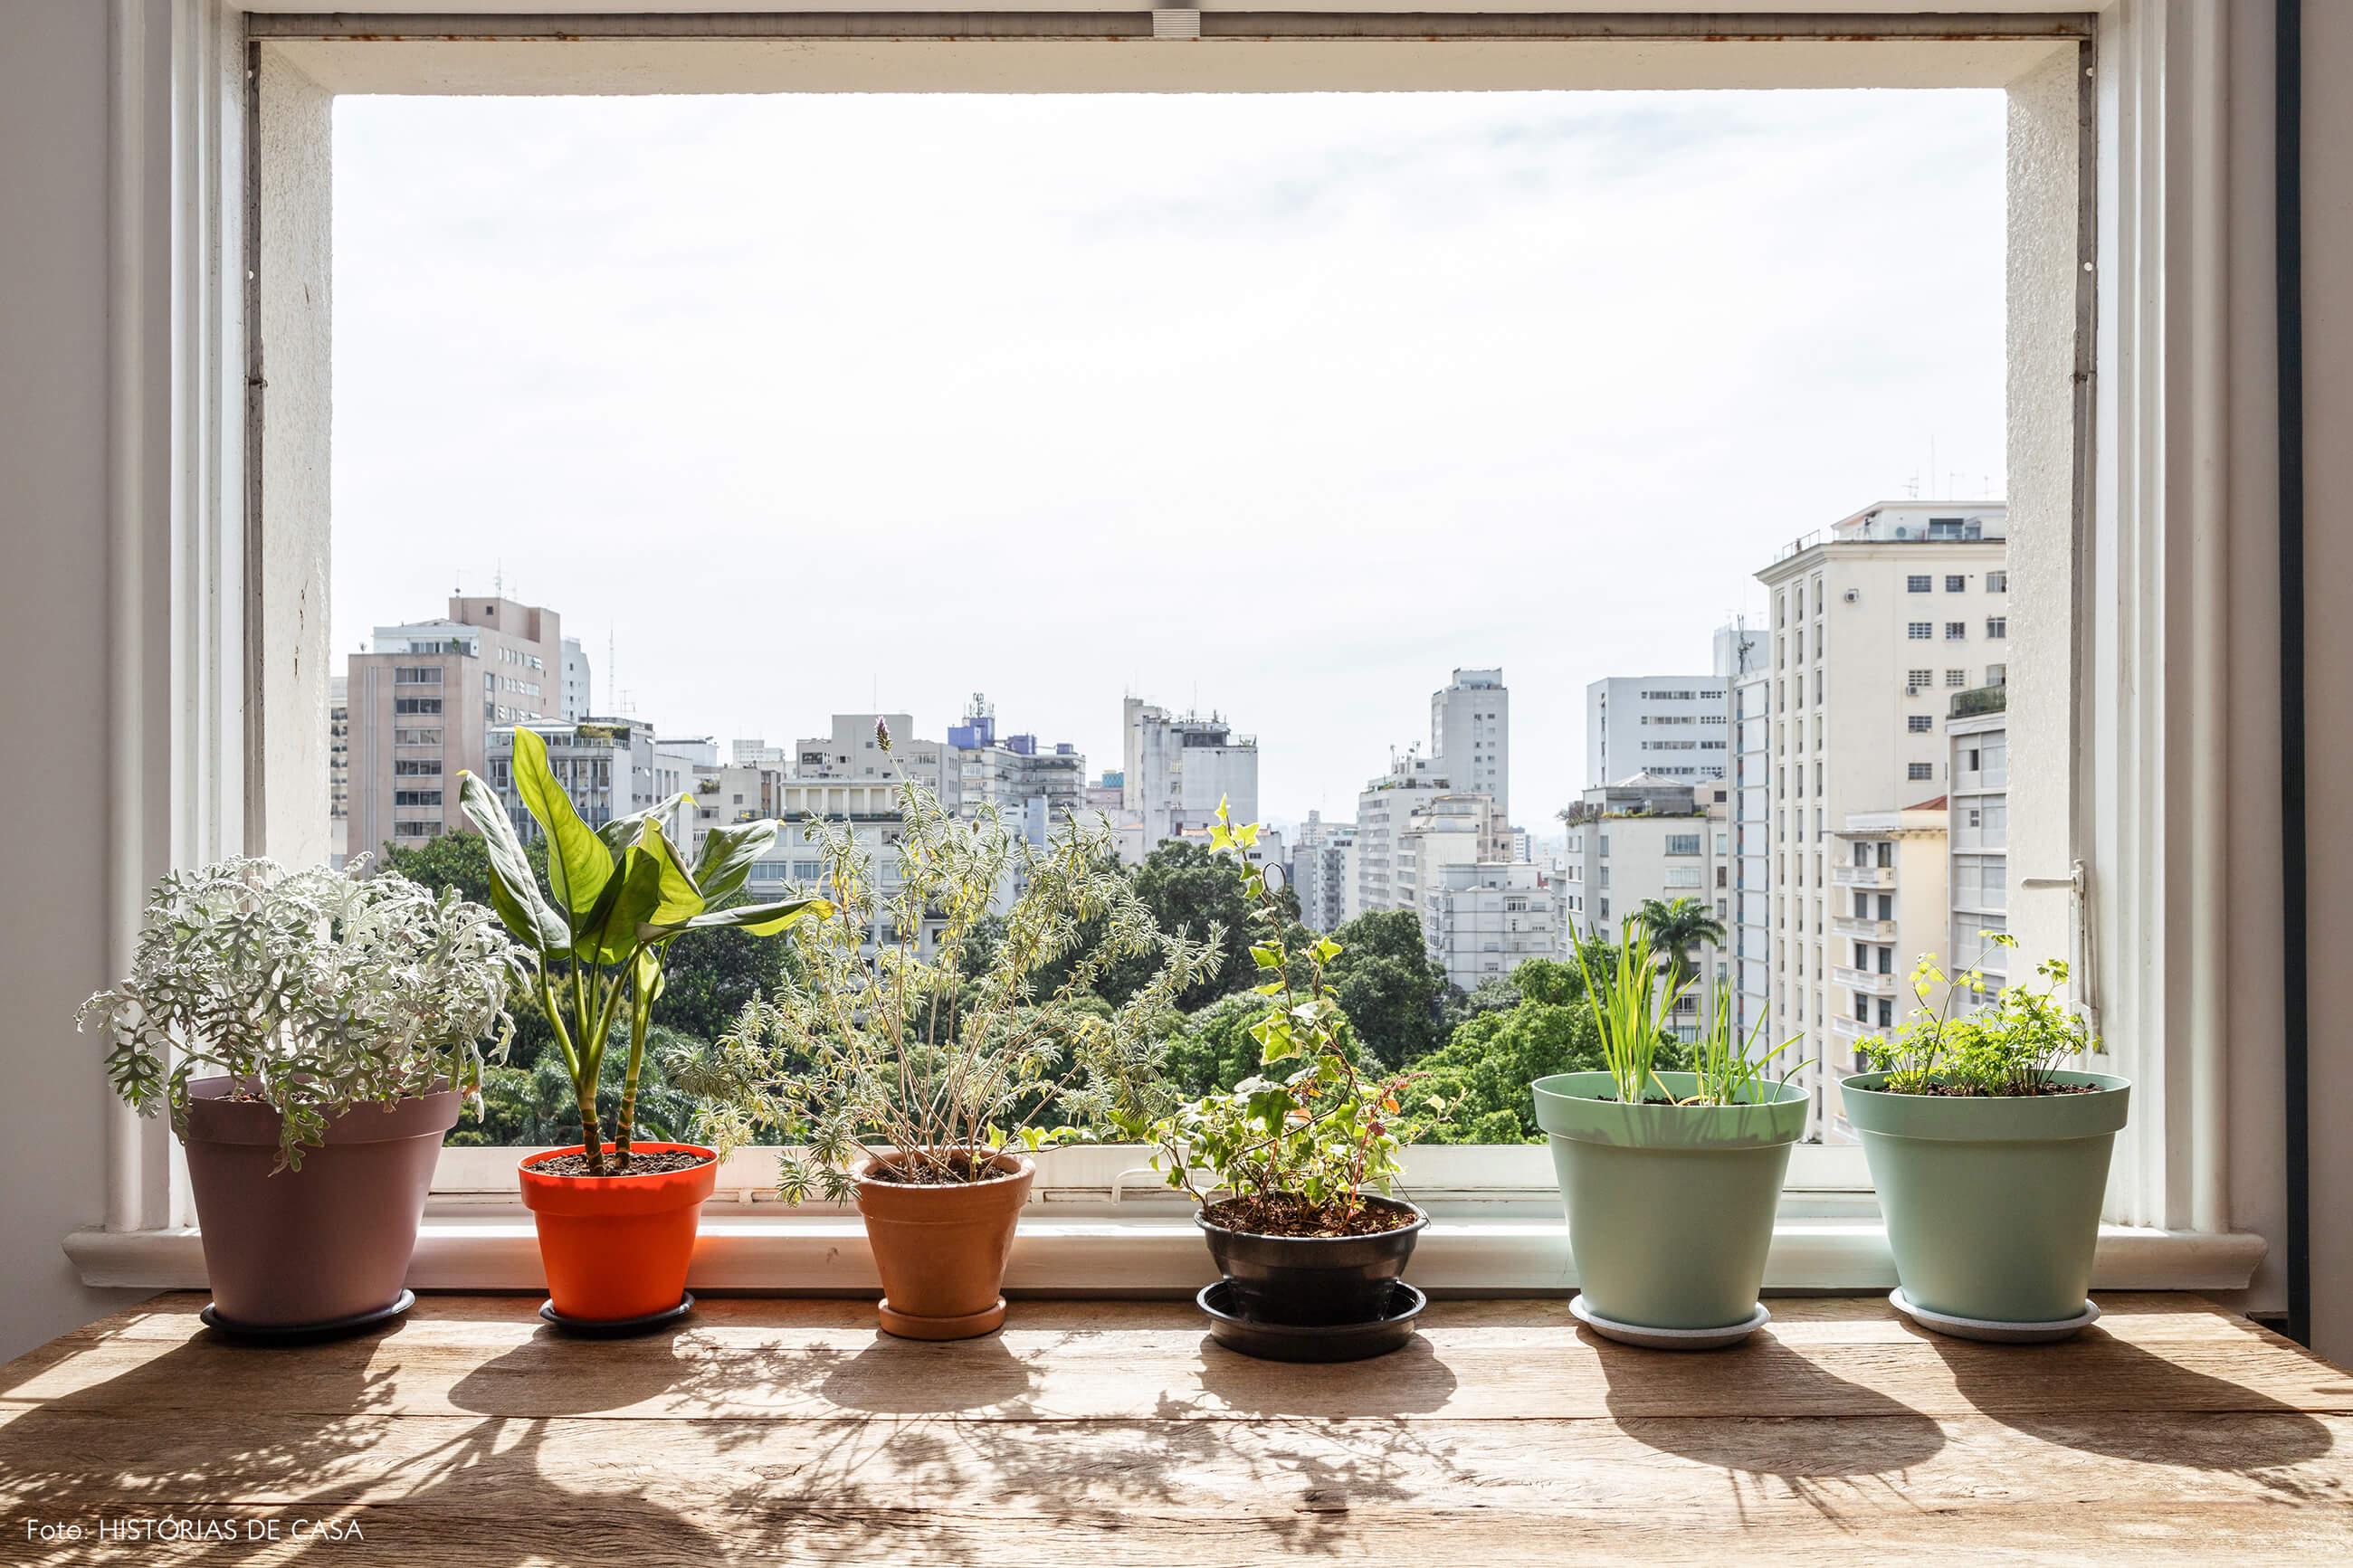 Apartamento integrado com parede de tijolinho branco e hora na janela